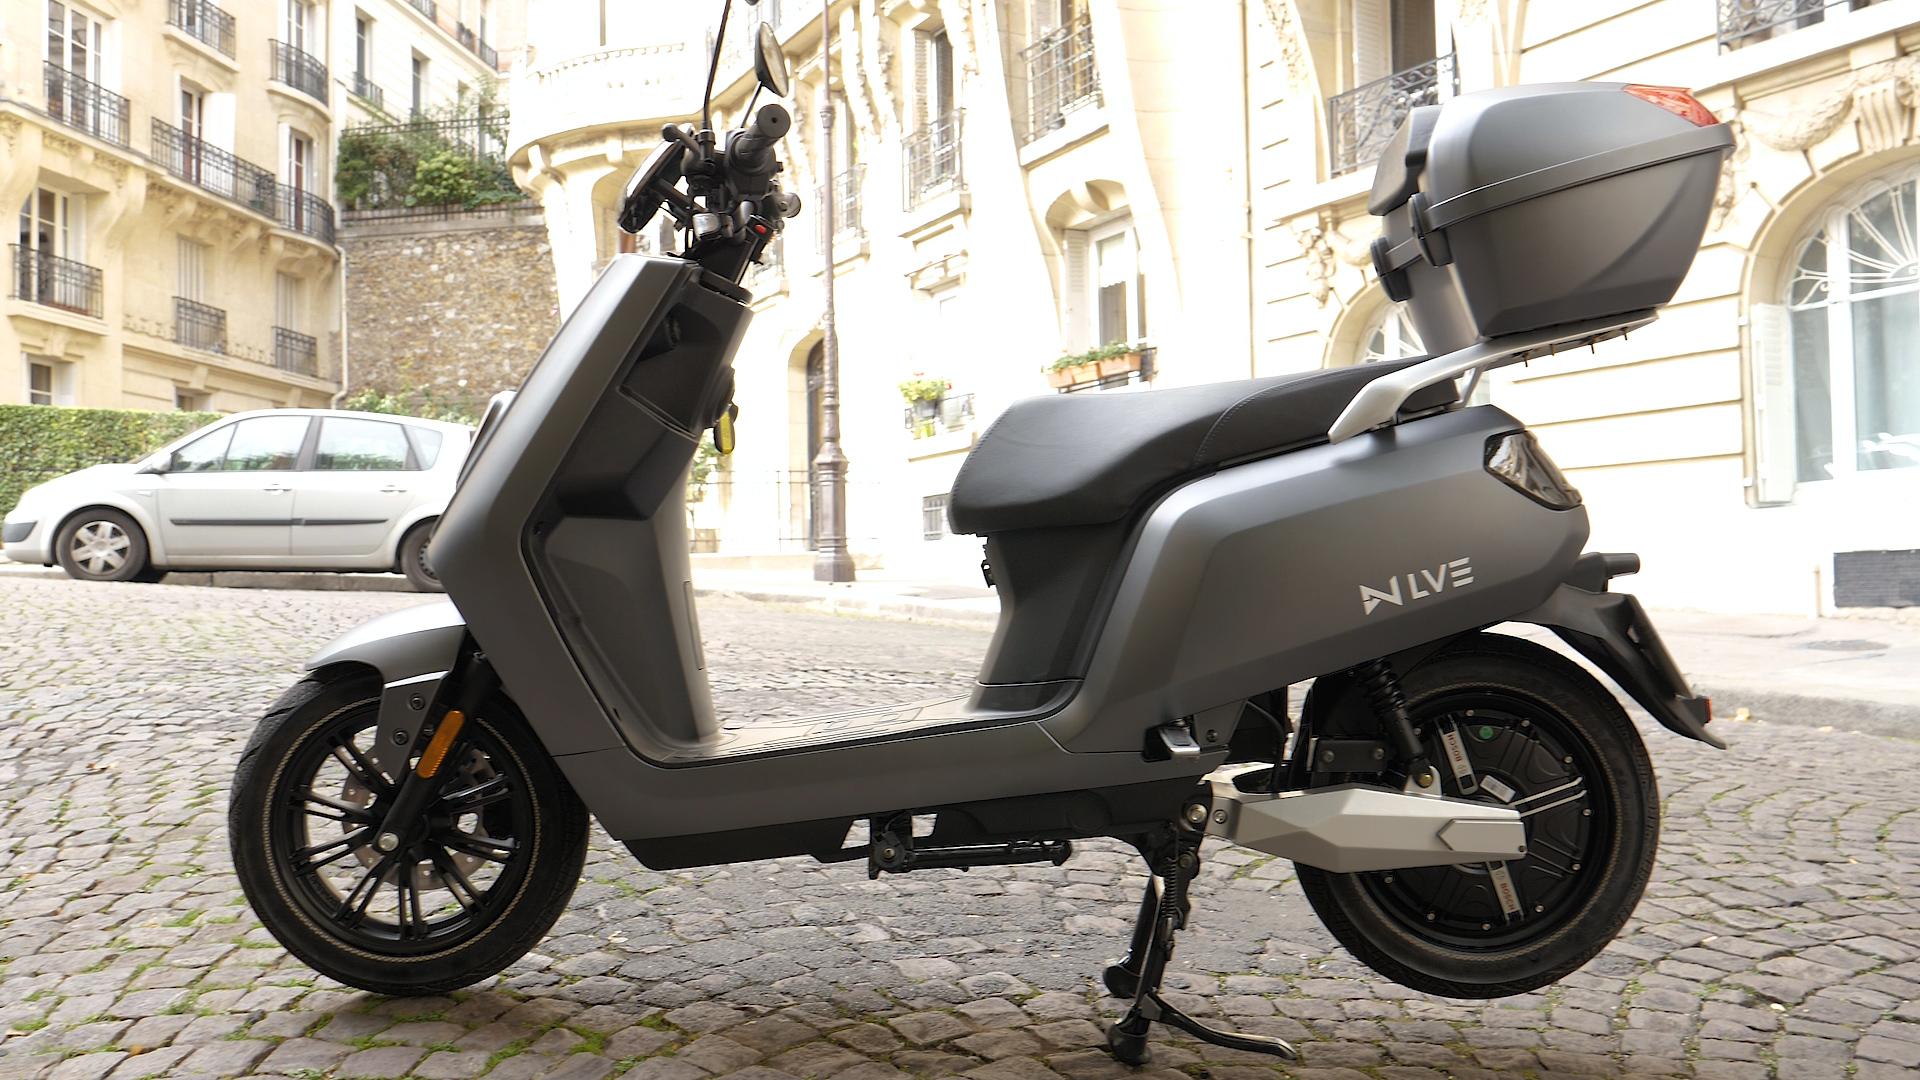 Test du scooter électrique LVE S5 : l'autonomie vaut-elle le coût ?